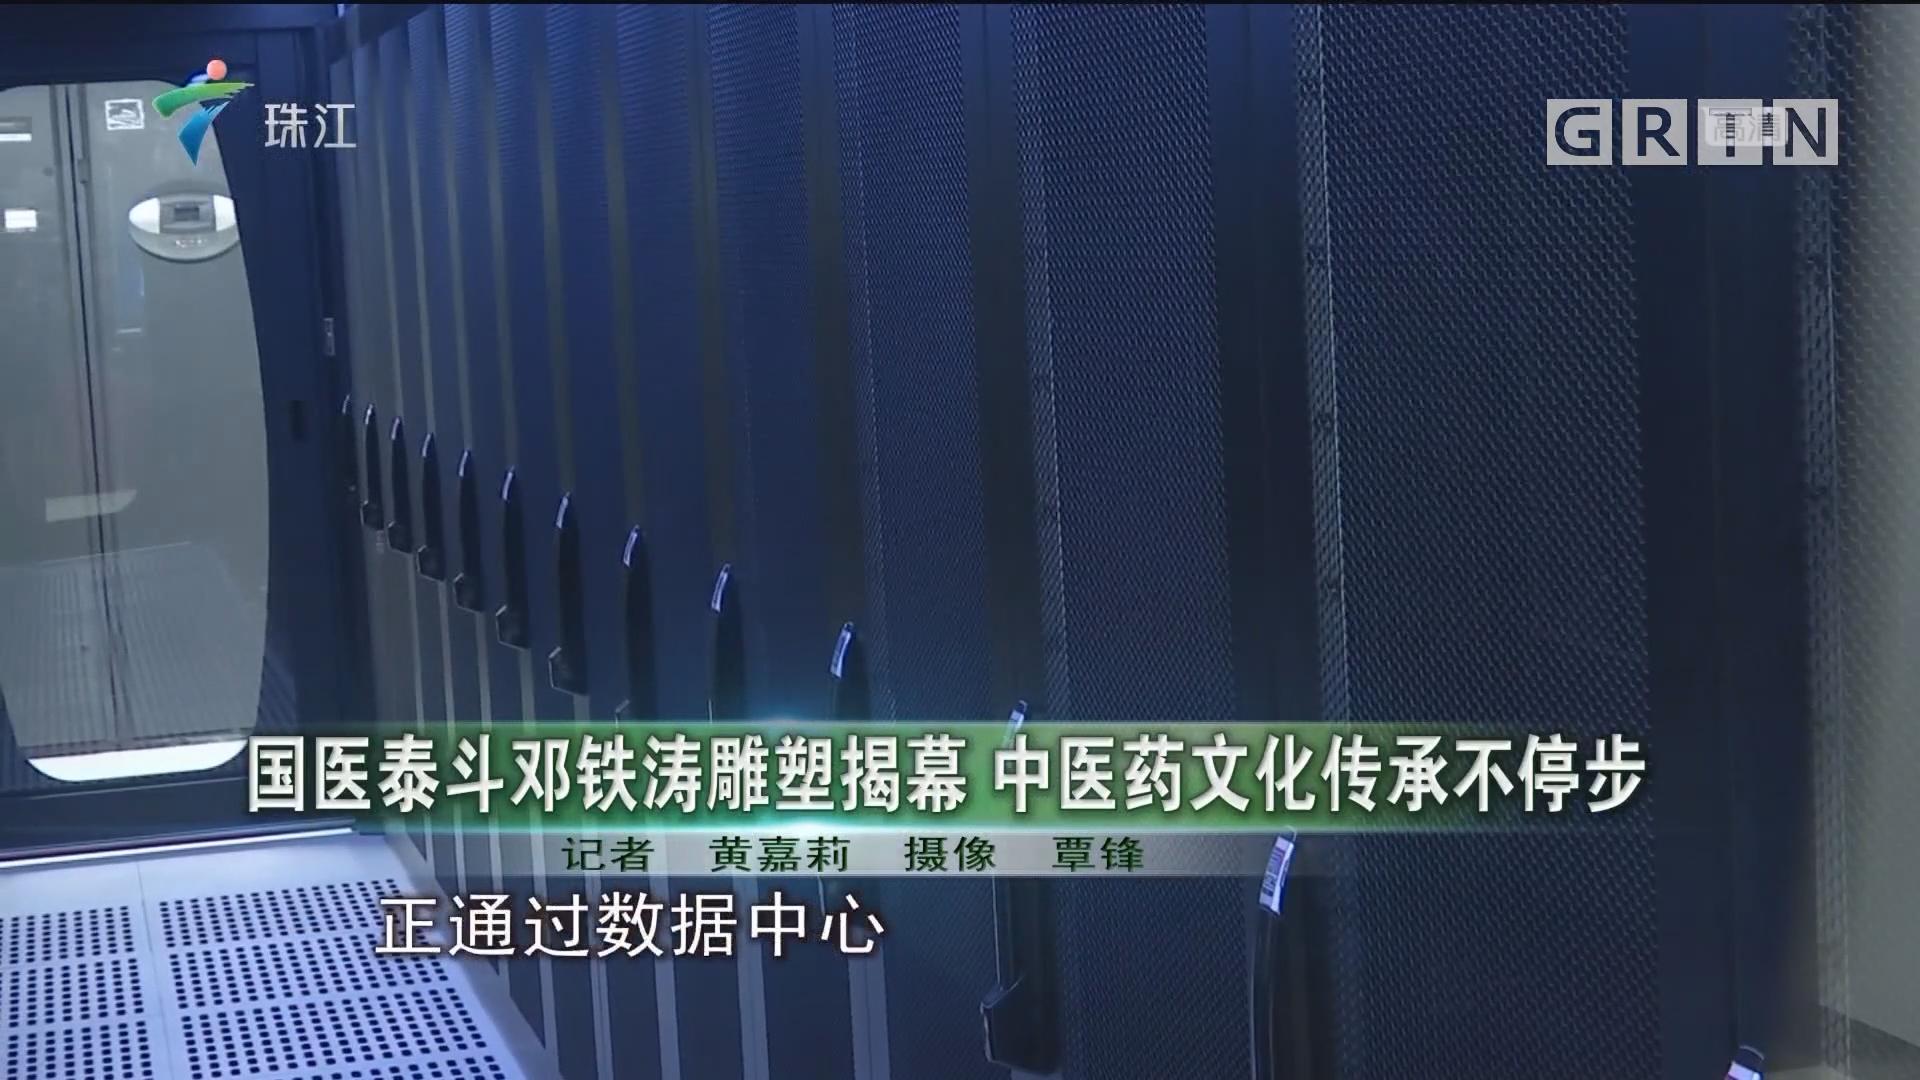 国医泰斗邓铁涛雕塑揭幕 中医药文化传承不停步